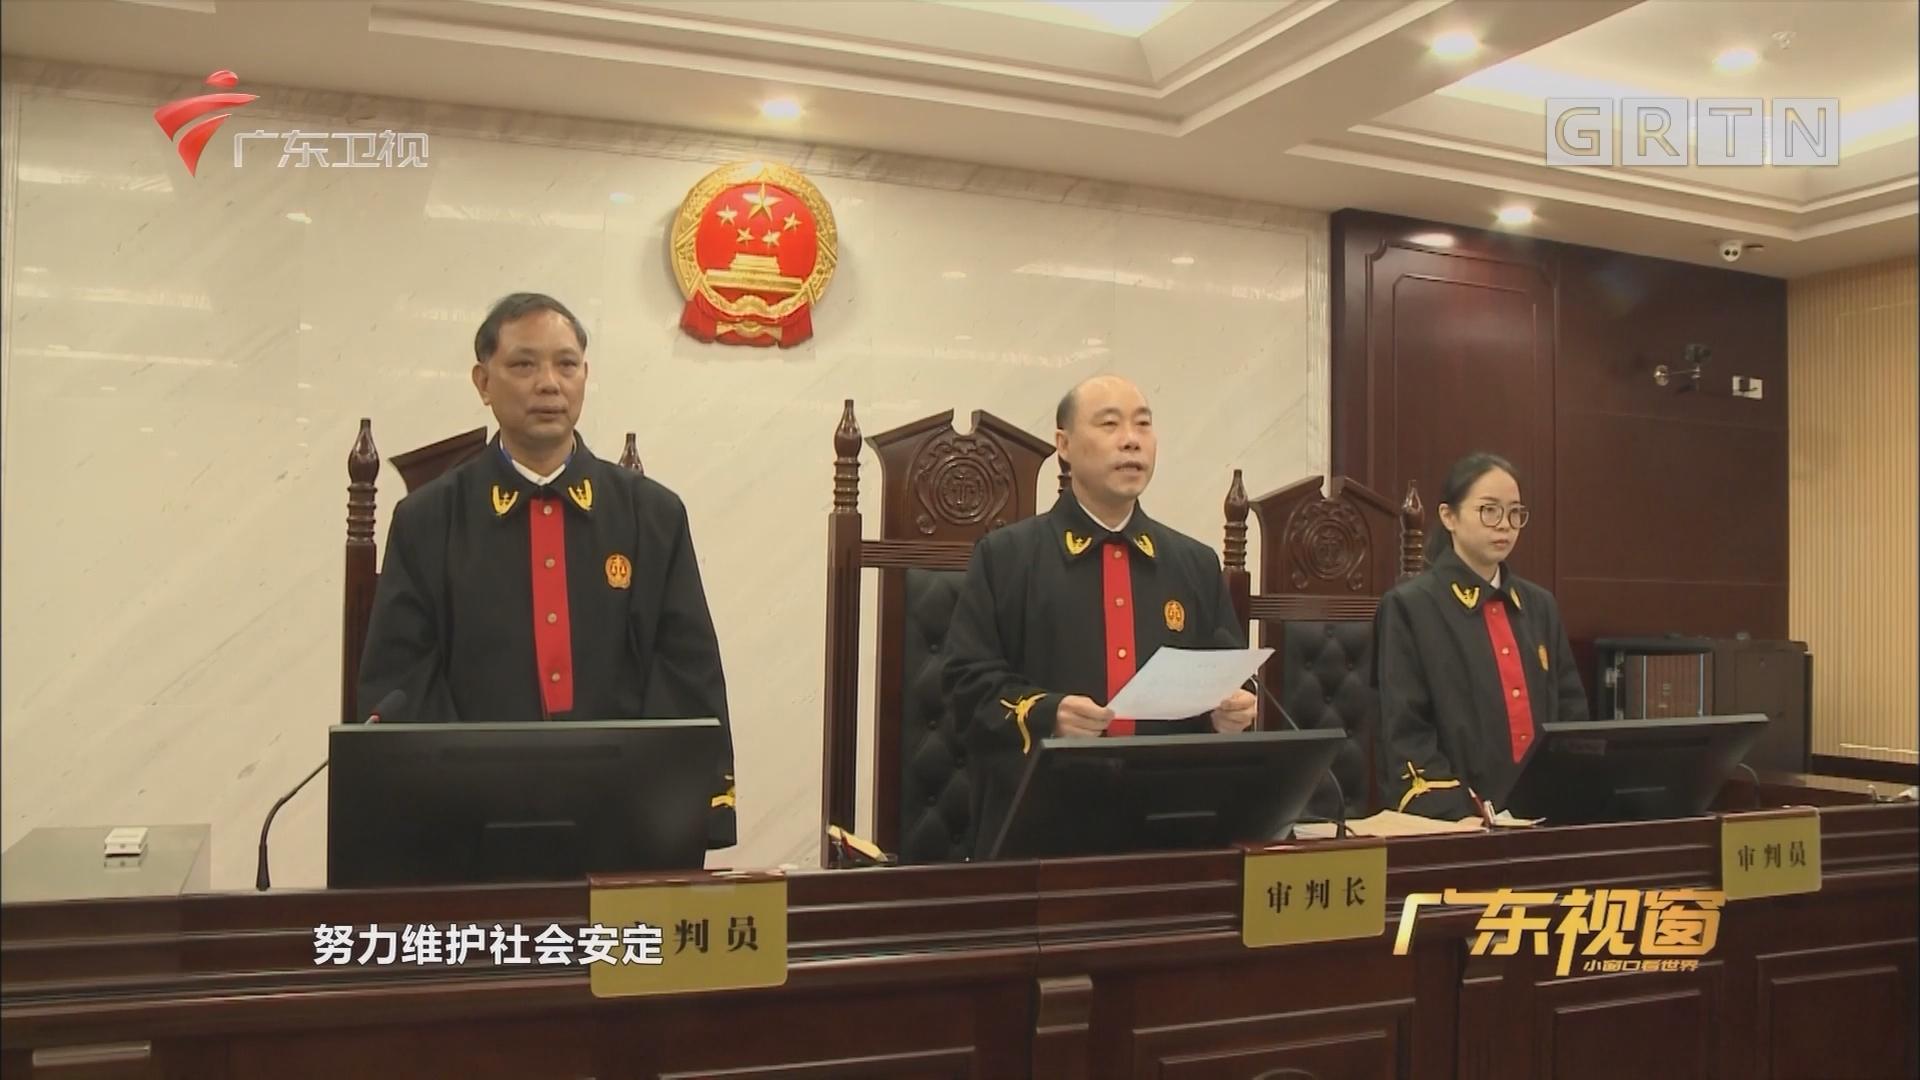 吴川市人民法院努力让人民群众在每一个司法案件中感受到公平正义